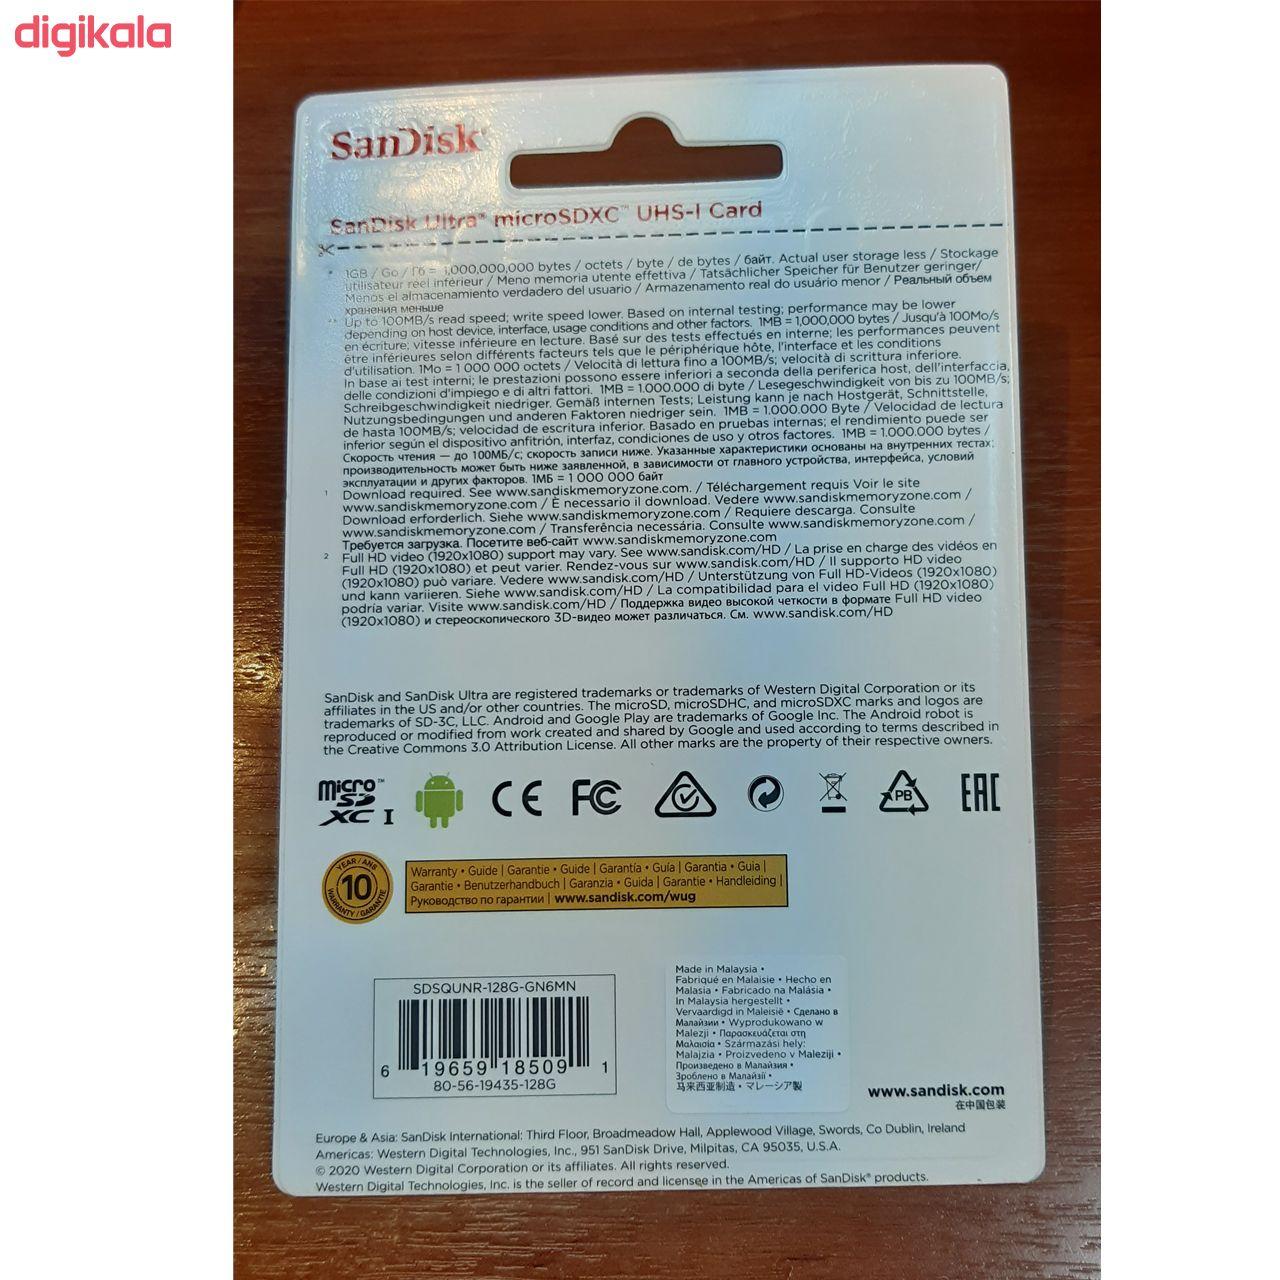 کارت حافظه microSDXC سن دیسک مدل Ultra کلاس 10 استاندارد UHS-I U1 سرعت 100MBps  ظرفیت 128 گیگابایت main 1 2